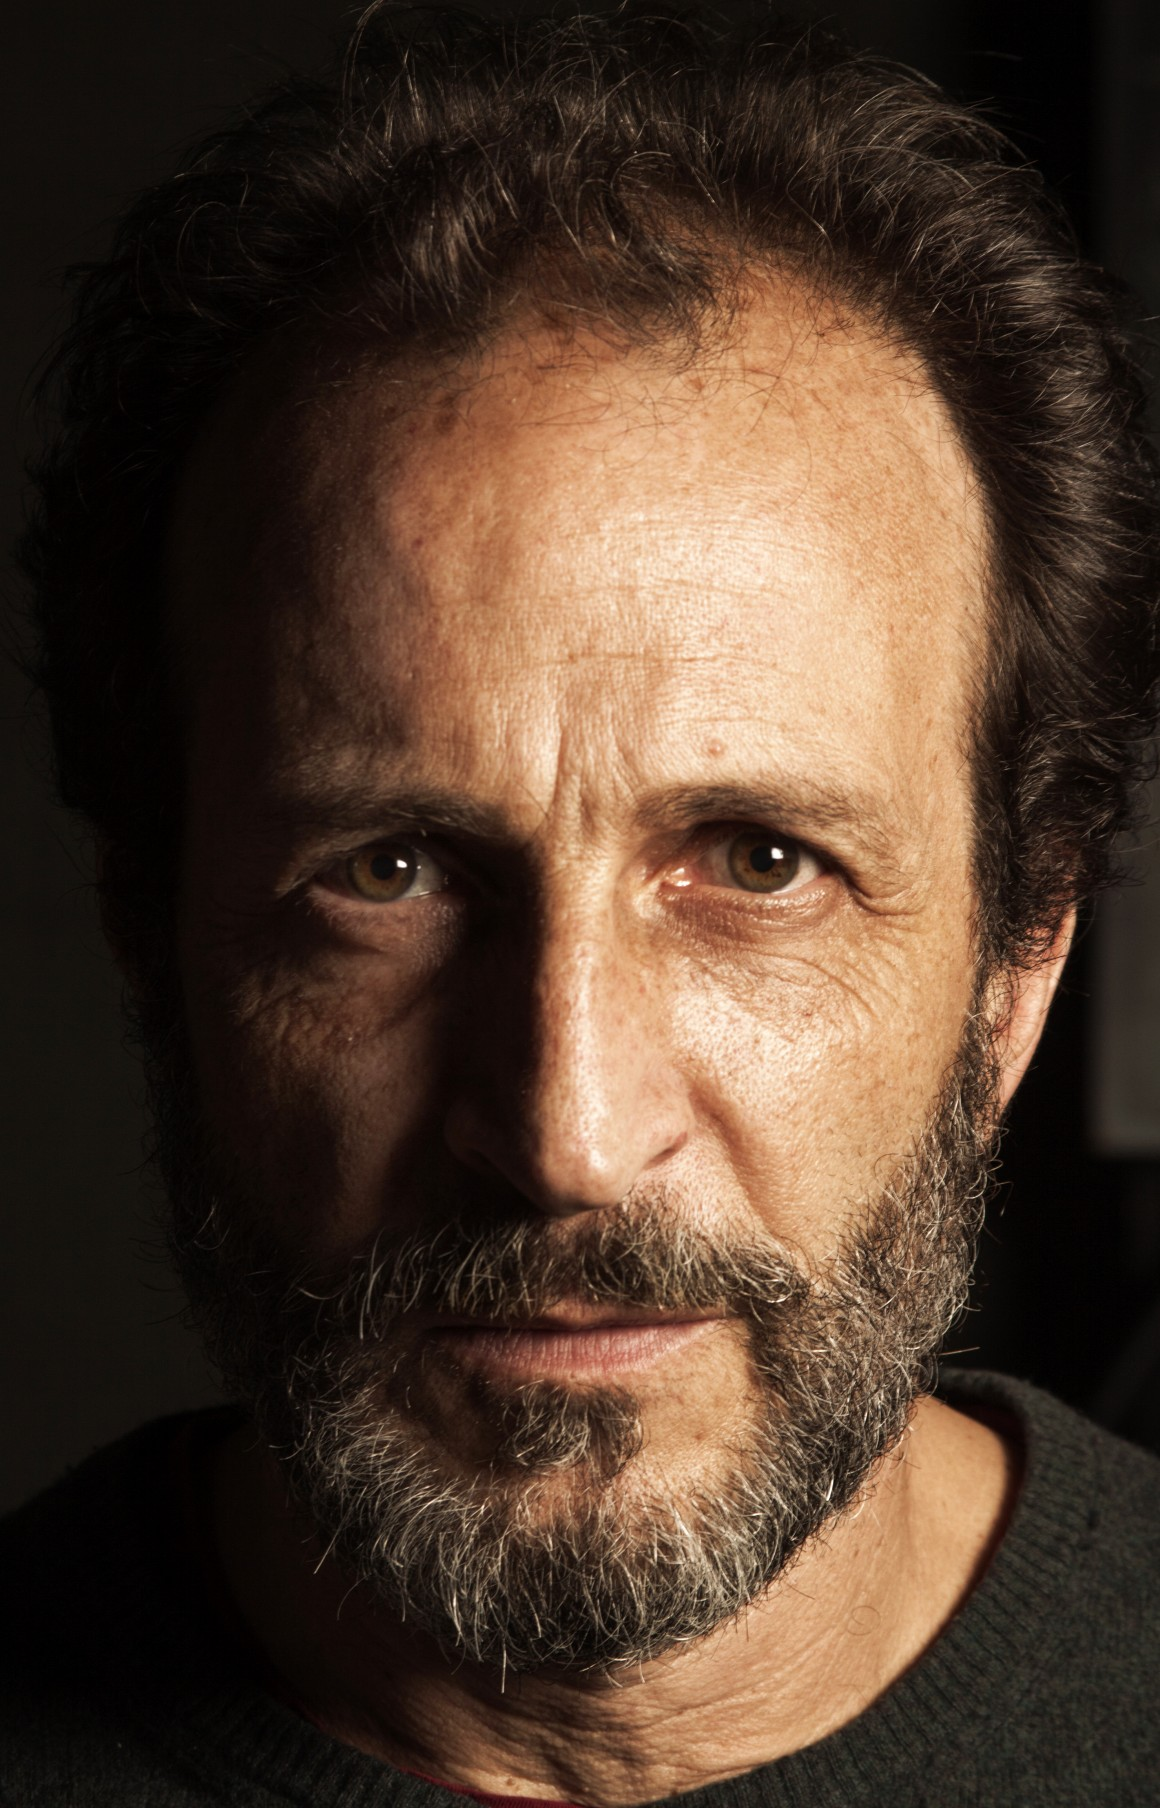 El actor Daniel Giménez Cacho, nos recibió en el teatro El Milagrito, después de casi una hora de charla, pude hacer un par de retratos que fueron portada para Nesweek en Español